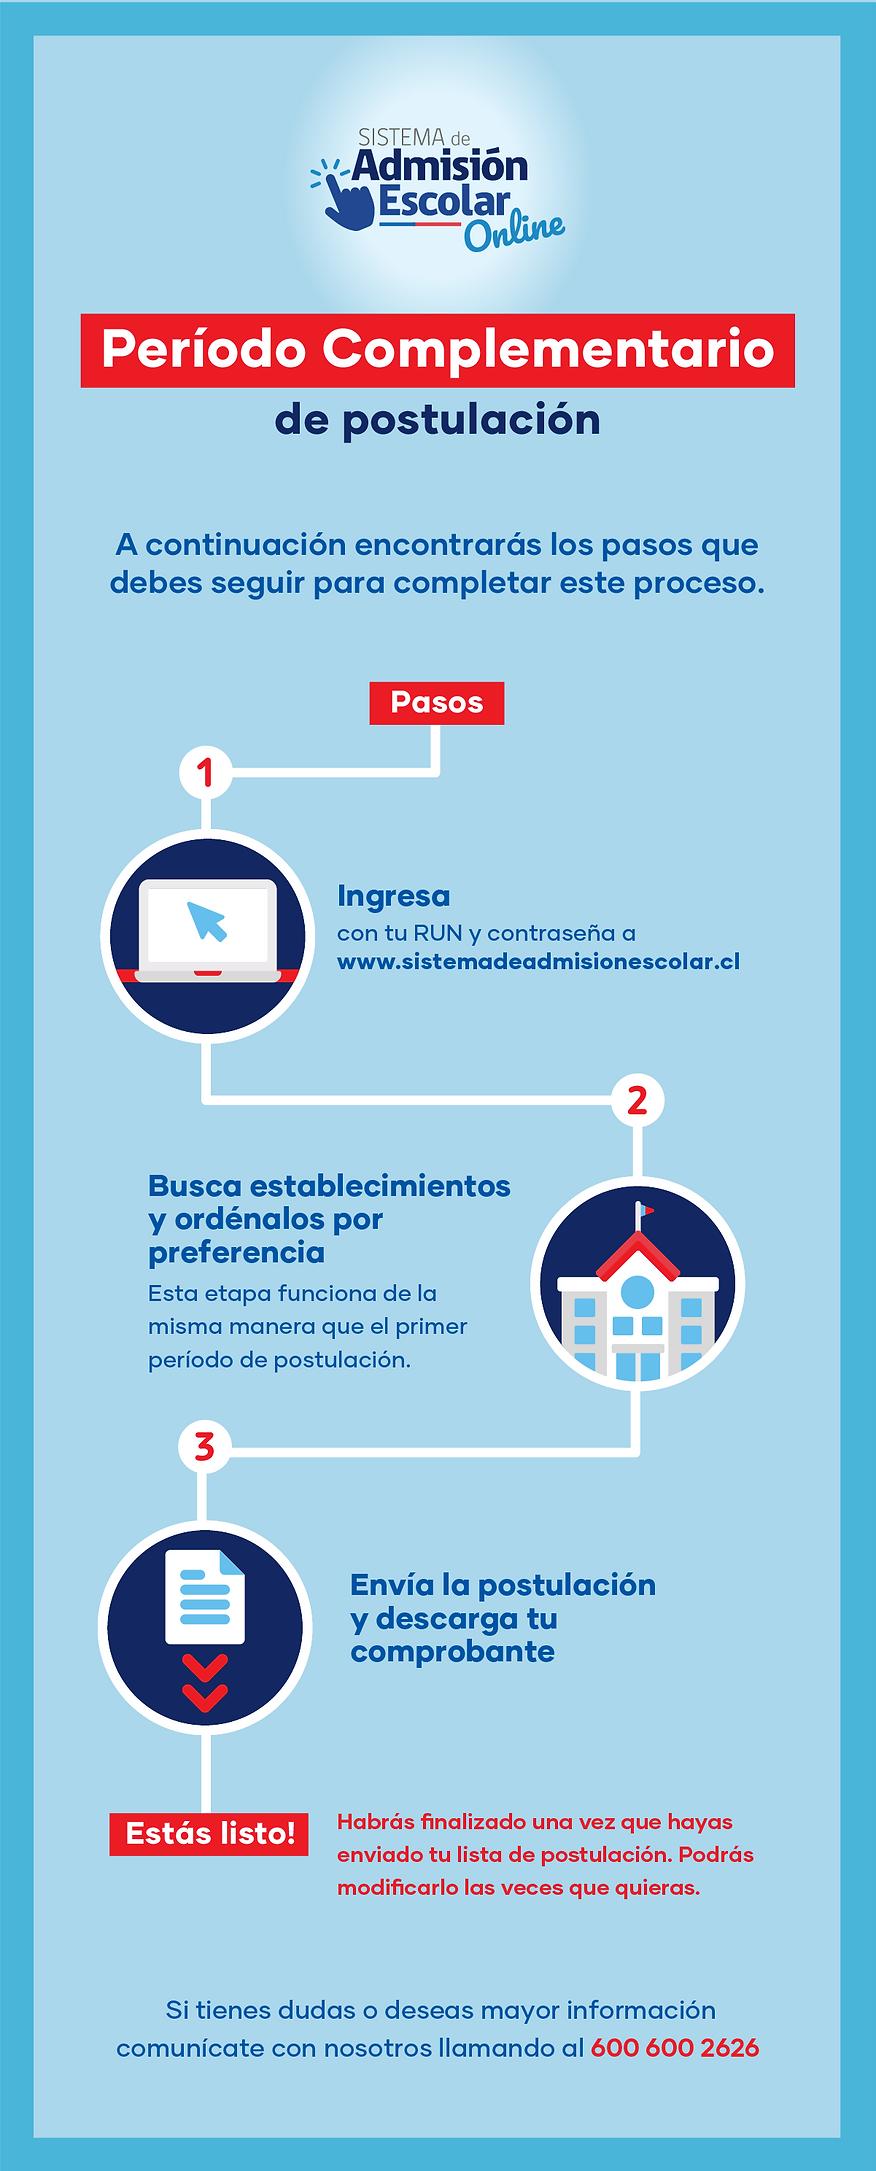 PeriodoComplementario-PasoPaso.png